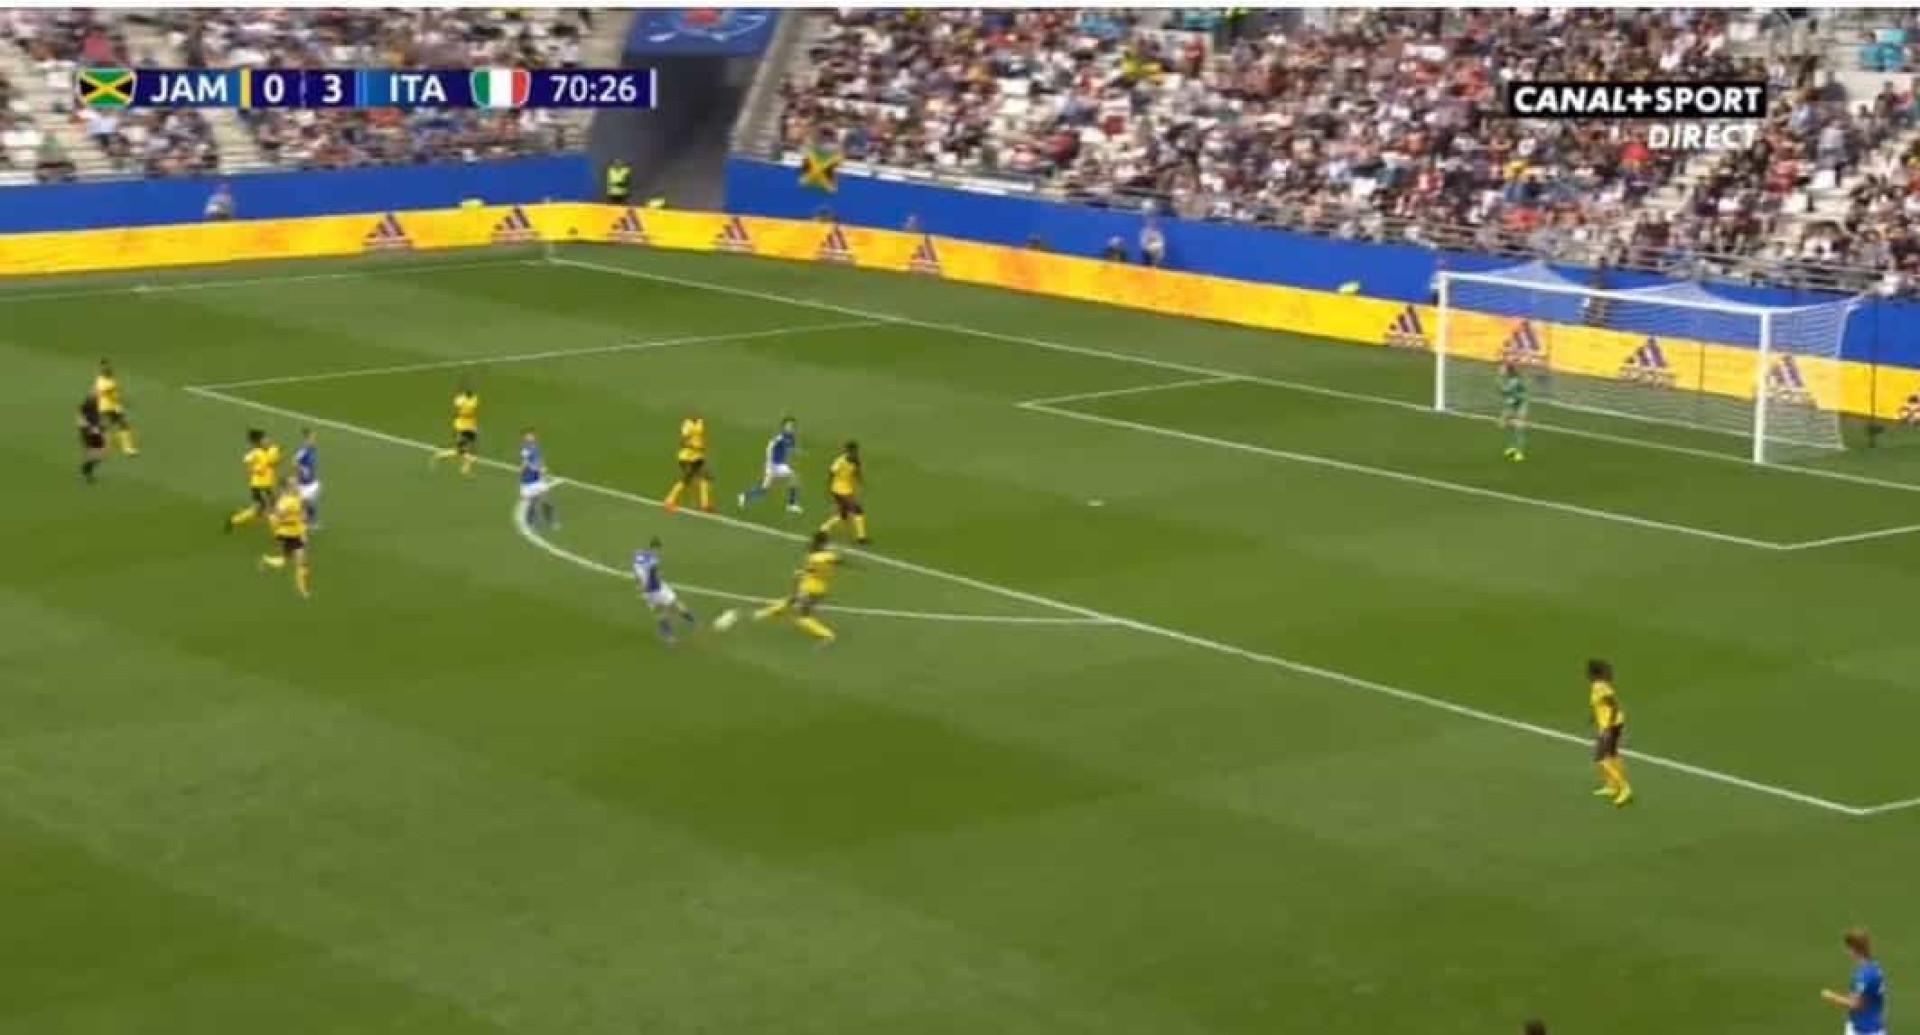 Galli ajuda Itália a golear Jamaica e este golo deve ser visto e revisto